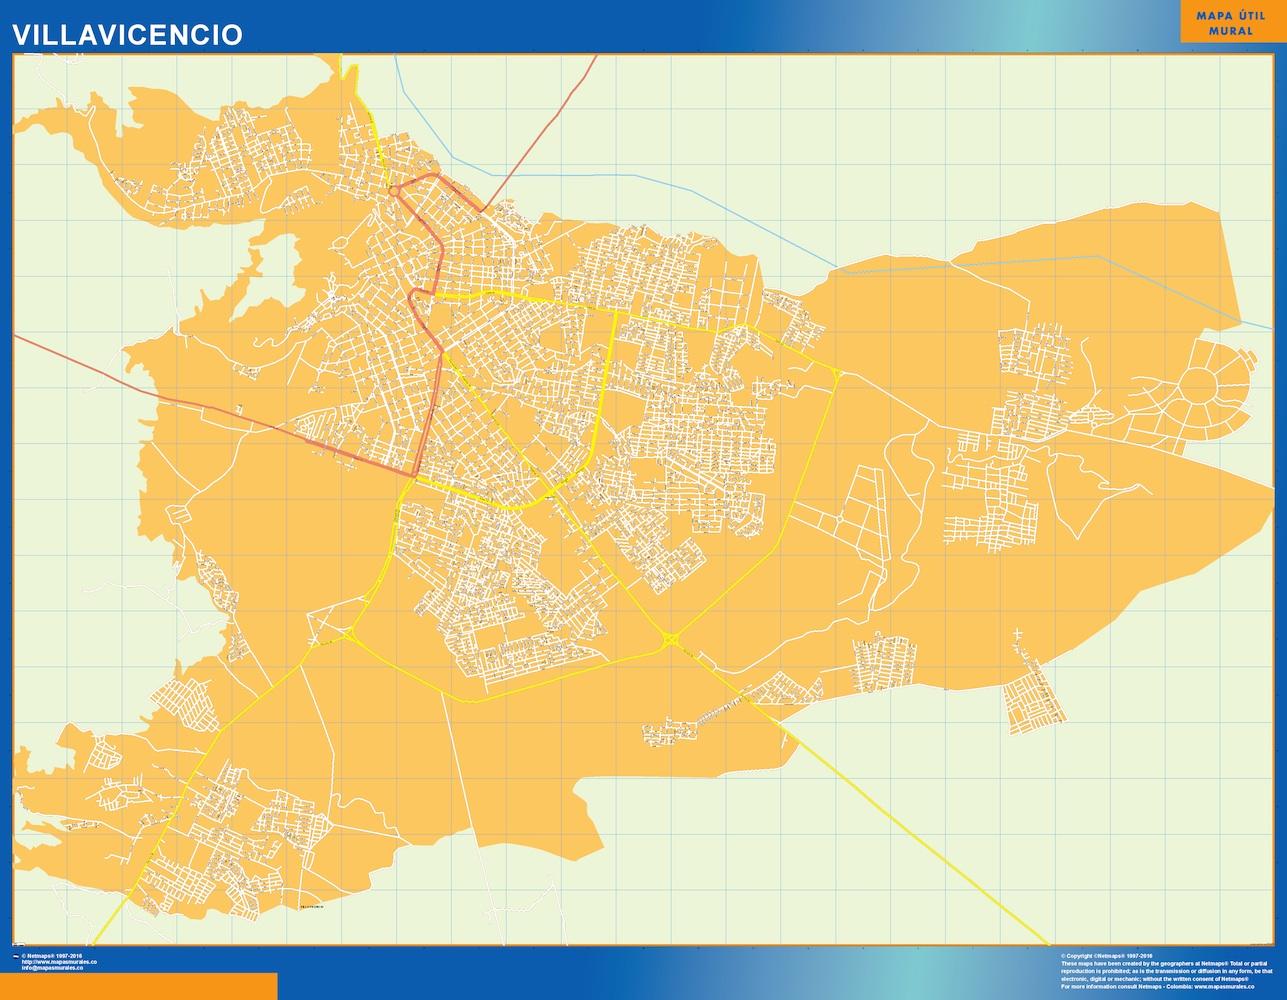 Mapa de Villavicencio en Colombia plastificado gigante